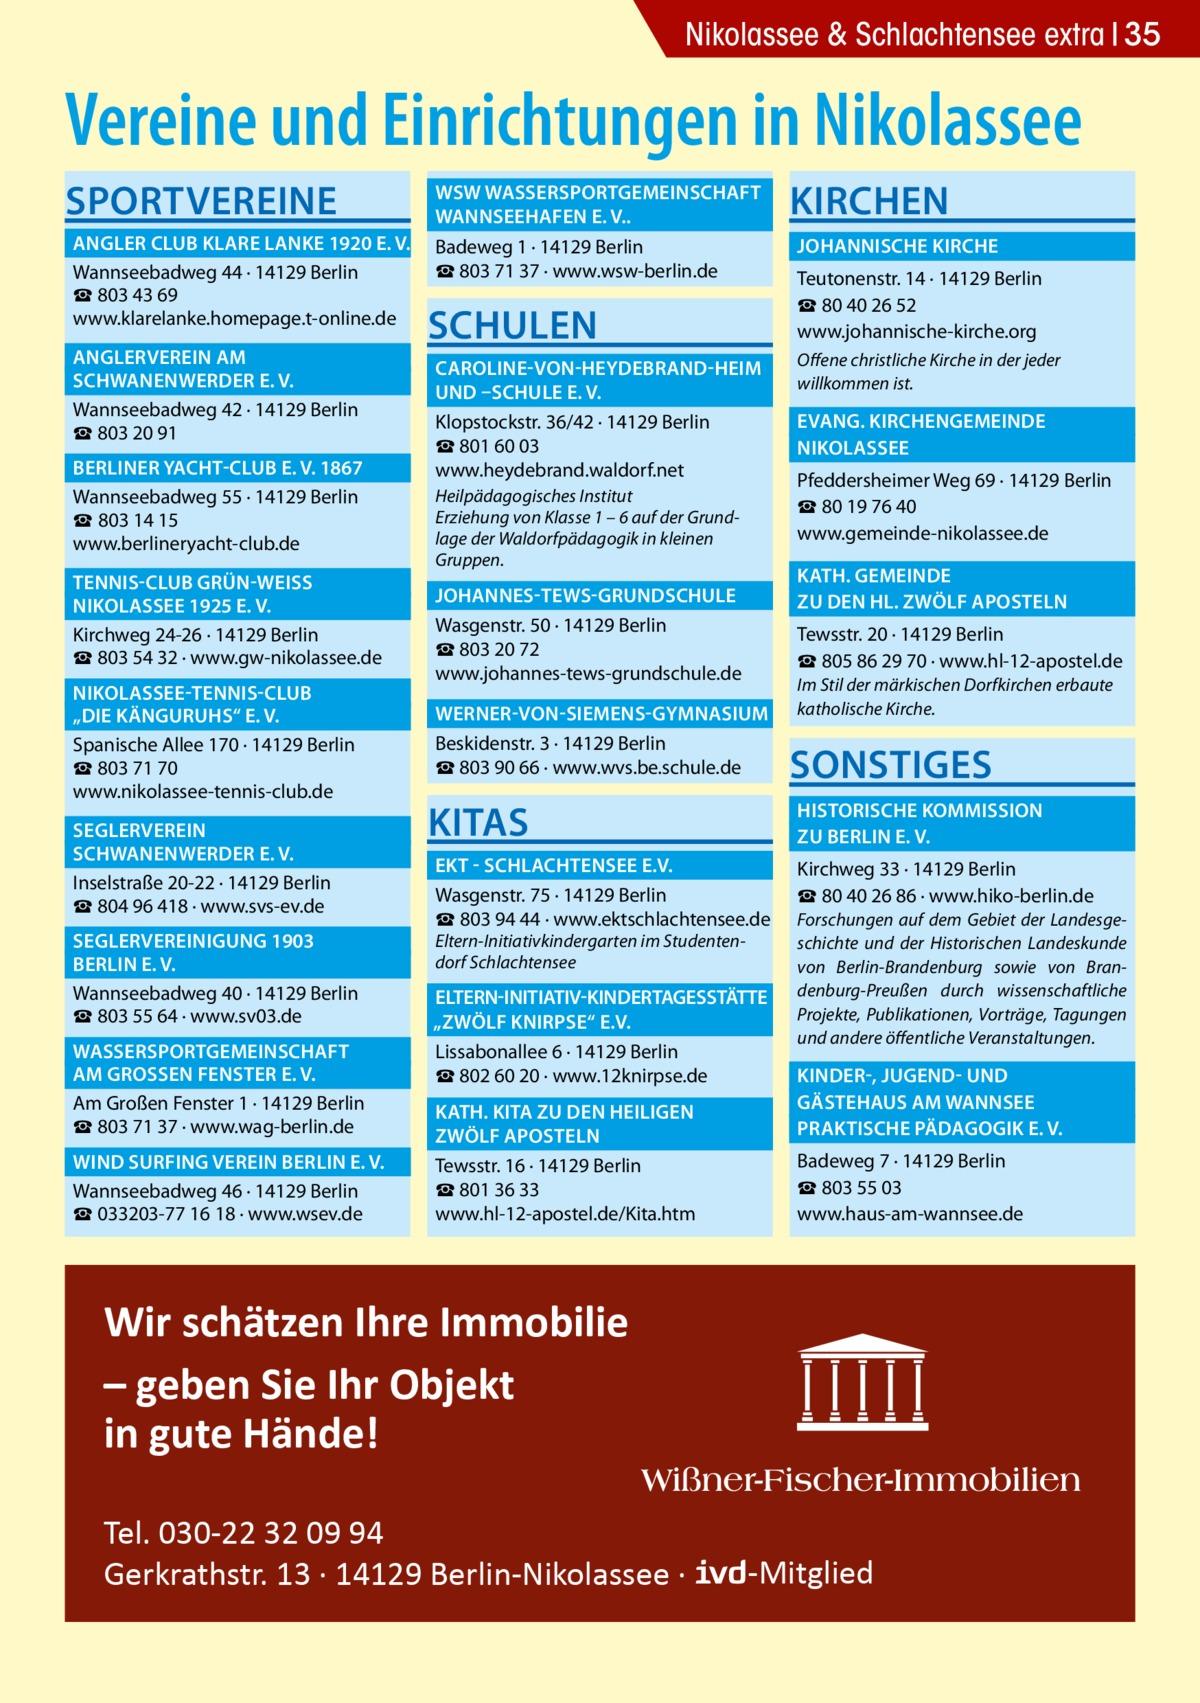 """Nikolassee & Schlachtensee extra 35  Vereine und Einrichtungen in Nikolassee Sportvereine   WSW Wassersportgemeinschaft �  Wannseehafen e. V..�  Angler Club Klare Lanke 1920 e. V.� Badeweg 1 · 14129 Berlin ☎803 71 37 · www.wsw-berlin.de Wannseebadweg 44 · 14129 Berlin ☎ 803 43 69 www.klarelanke.homepage.t-online.de  Anglerverein Am�  Schwanenwerder e. V.� Wannseebadweg 42 · 14129 Berlin ☎ 803 20 91  Berliner Yacht-Club e. V. 1867� Wannseebadweg 55 · 14129 Berlin ☎ 803 14 15 www.berlineryacht-club.de  Tennis-Club Grün-WeiSS �  Nikolassee 1925 e. V.� Kirchweg 24-26 · 14129 Berlin ☎ 803 54 32 · www.gw-nikolassee.de  Nikolassee-Tennis-Club �  """"Die Känguruhs"""" e. V.� Spanische Allee 170 · 14129 Berlin ☎803 71 70 www.nikolassee-tennis-club.de Seglerverein�  Schwanenwerder e. V.� Inselstraße 20-22 · 14129 Berlin ☎804 96 418 · www.svs-ev.de  Seglervereinigung 1903 �  Berlin e. V.� Wannseebadweg 40 · 14129 Berlin ☎803 55 64 · www.sv03.de  Wassersportgemeinschaft � am GroSSen Fenster e. V.� Am Großen Fenster 1 · 14129 Berlin ☎803 71 37 · www.wag-berlin.de  Wind Surfing Verein Berlin e. V.� Wannseebadweg 46 · 14129 Berlin ☎033203-77 16 18 · www.wsev.de  Schulen  Kirchen  Johannische Kirche � Teutonenstr. 14 · 14129 Berlin ☎ 80 40 26 52 www.johannische-kirche.org   Caroline-von-Heydebrand-Heim � Offene christliche Kirche in der jeder willkommen ist. und –Schule e. V. �  Evang. Kirchengemeinde � Klopstockstr. 36/42 · 14129 Berlin ☎801 60 03 Nikolassee� www.heydebrand.waldorf.net Pfeddersheimer Weg 69 · 14129 Berlin Heilpädagogisches Institut ☎80 19 76 40 Erziehung von Klasse 1 – 6 auf der Grundwww.gemeinde-nikolassee.de lage der Waldorfpädagogik in kleinen Gruppen.   Kath. gemeinde � zu den Hl. Zwölf Aposteln �   Johannes-Tews-Grundschule � Wasgenstr. 50 · 14129 Berlin ☎803 20 72 www.johannes-tews-grundschule.de  Tewsstr. 20 · 14129 Berlin ☎805 86 29 70 · www.hl-12-apostel.de Im Stil der märkischen Dorfkirchen erbaute katholische Kirche.   Werner-von-Siemens-Gymnasium � Beskidens"""